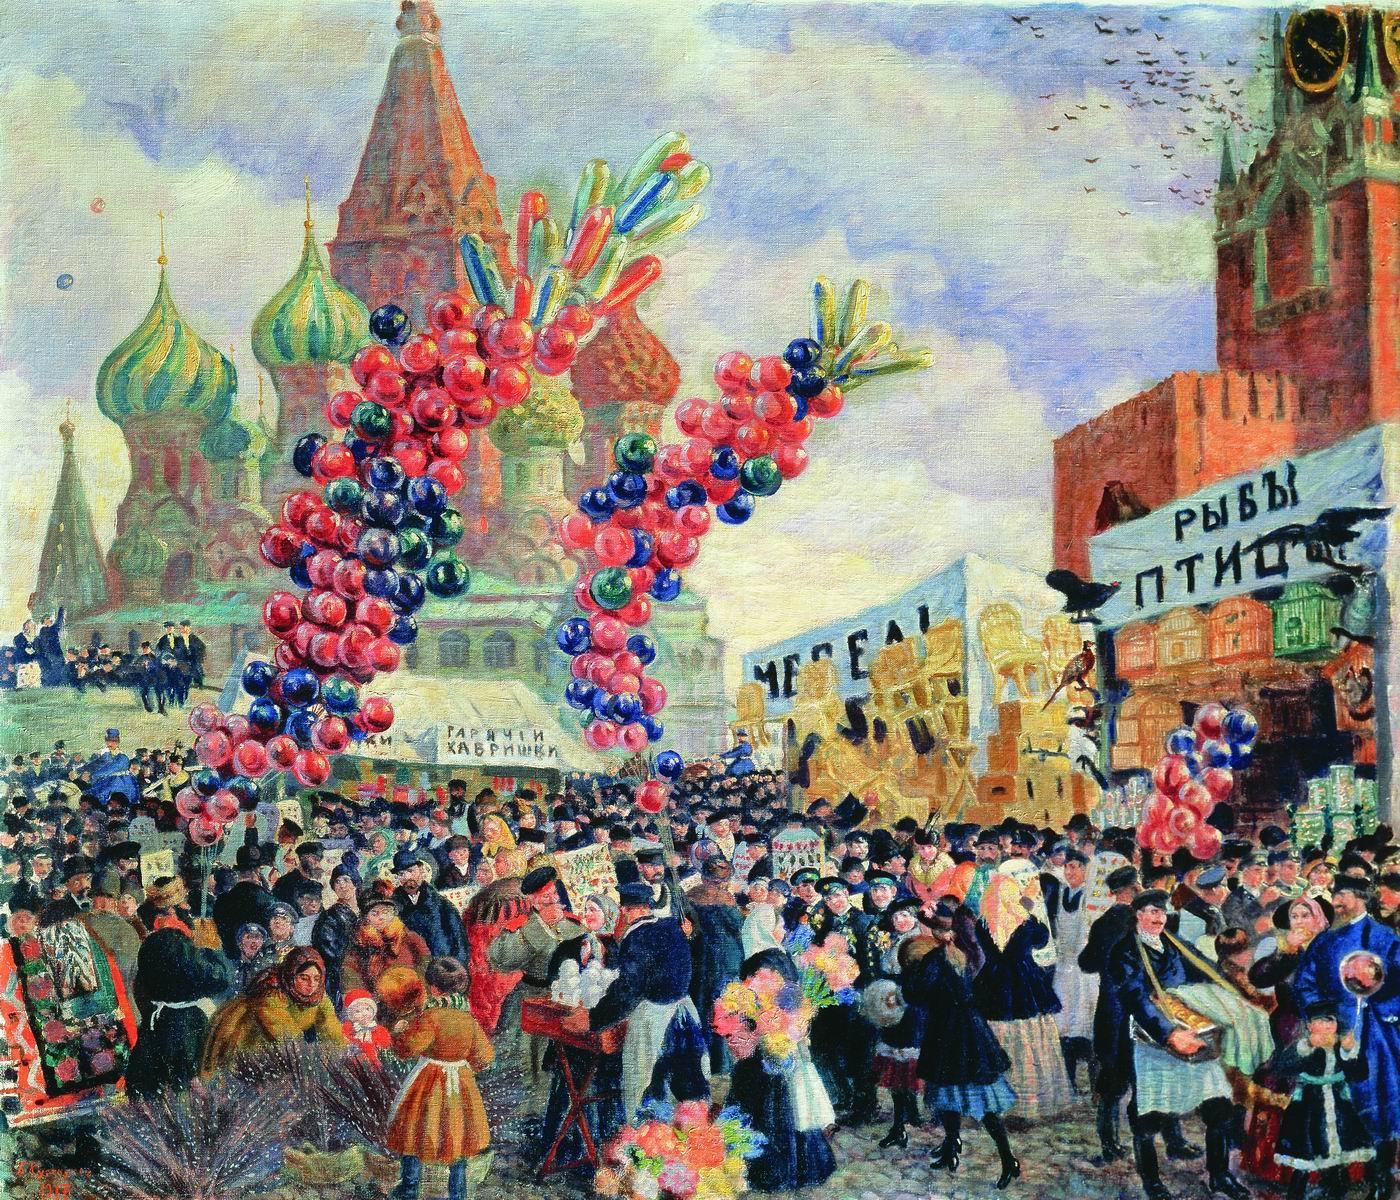 Вербный торг у Спасских ворот. Б. Кустодиев